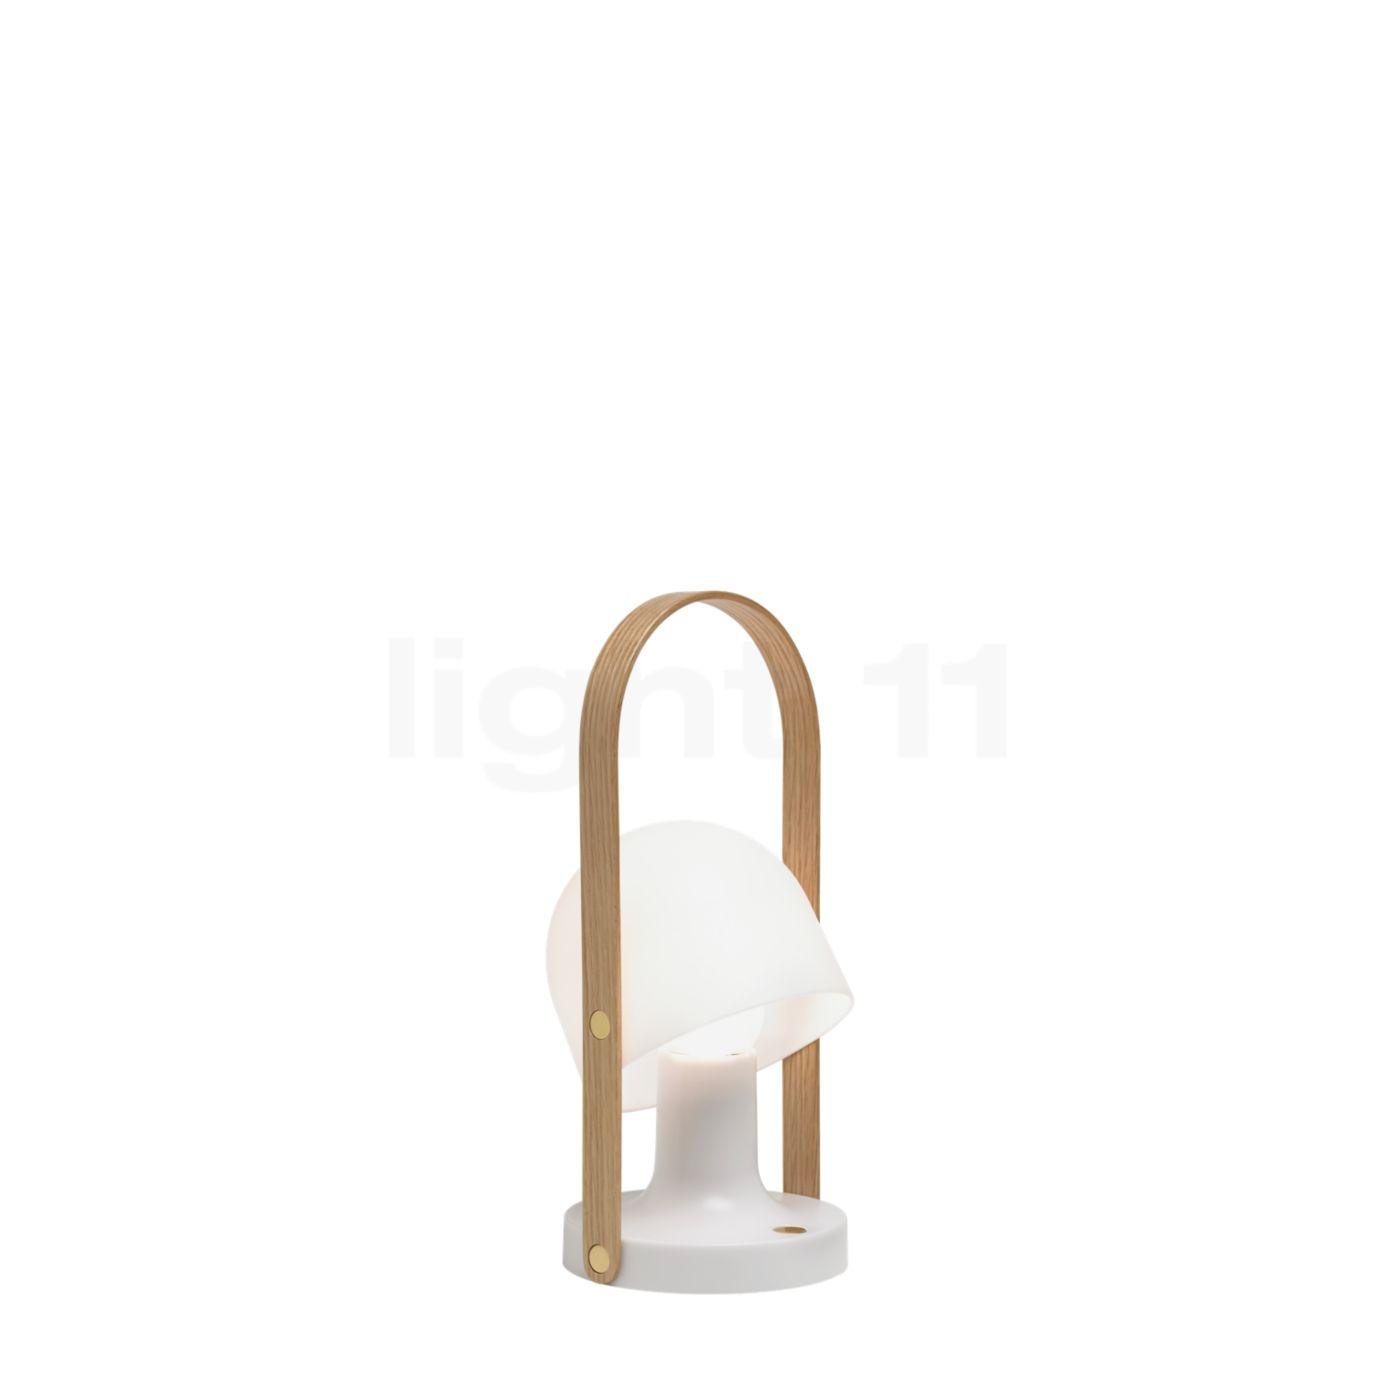 Designverlichting & designlampen kopen bij light11 light11.nl